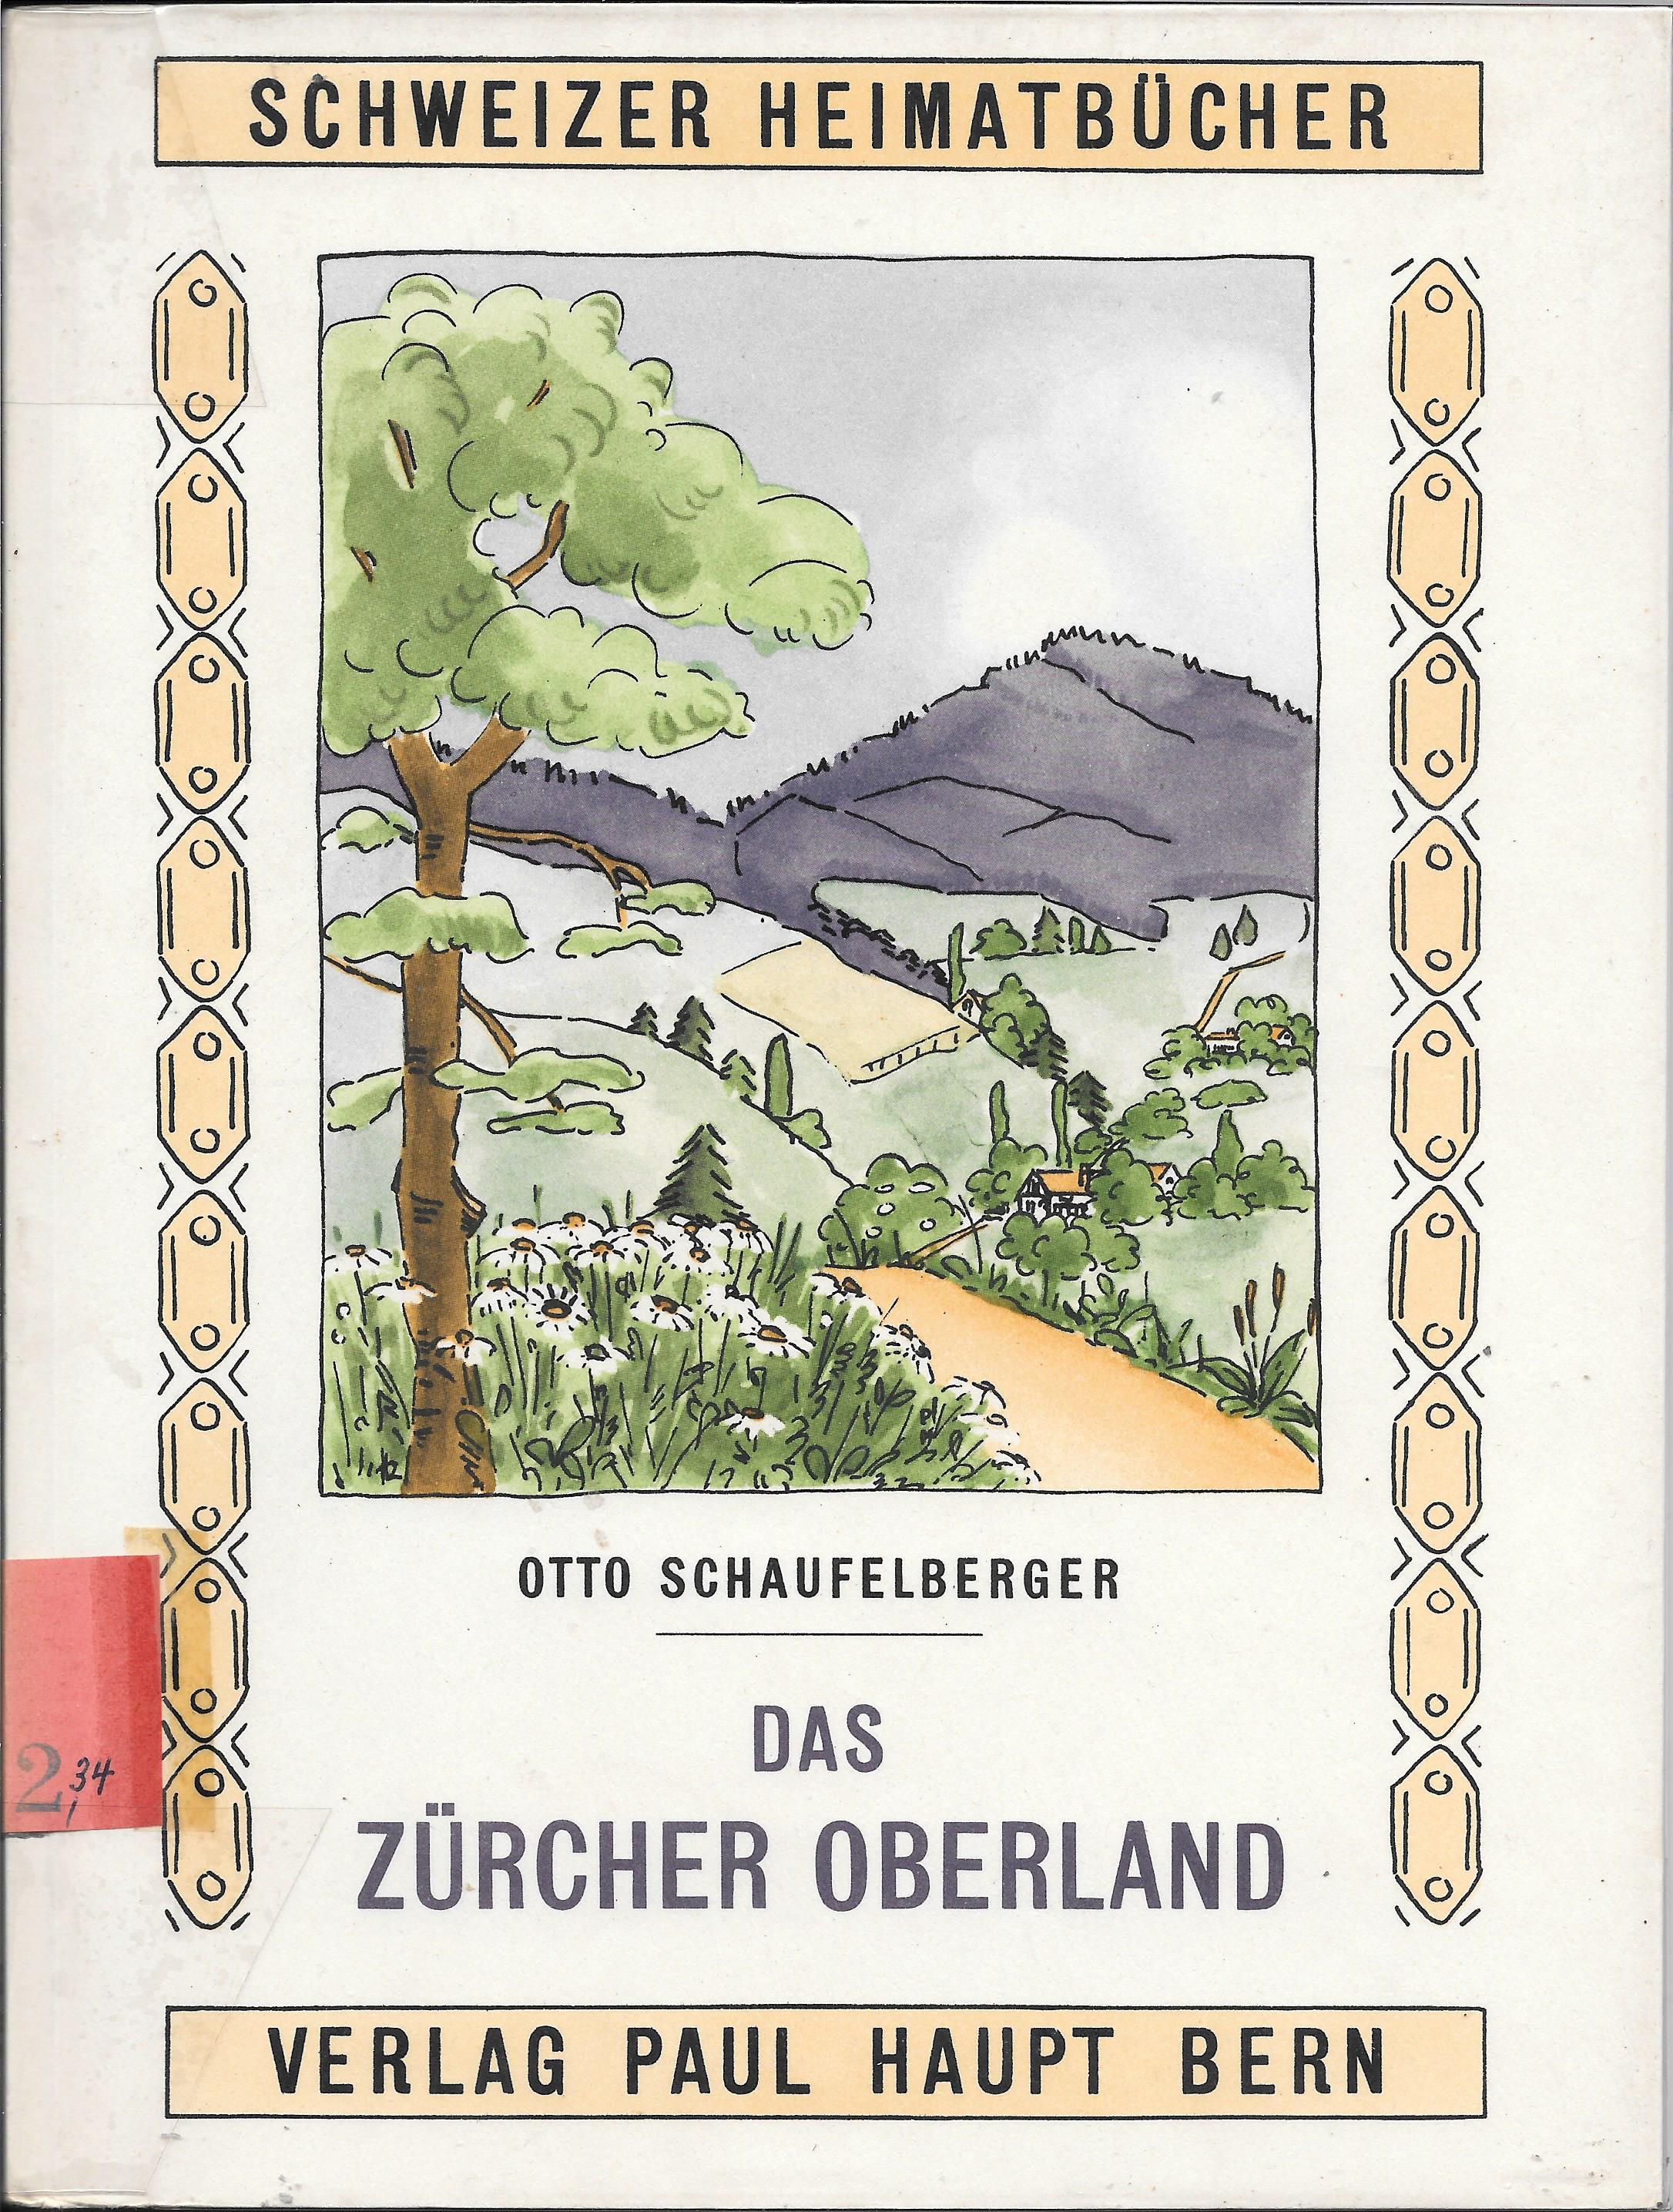 """Deckblatt des Heimatbuches """"Das Zürcher Oberland"""" von Otto Schaufelberger mit Bachtel."""